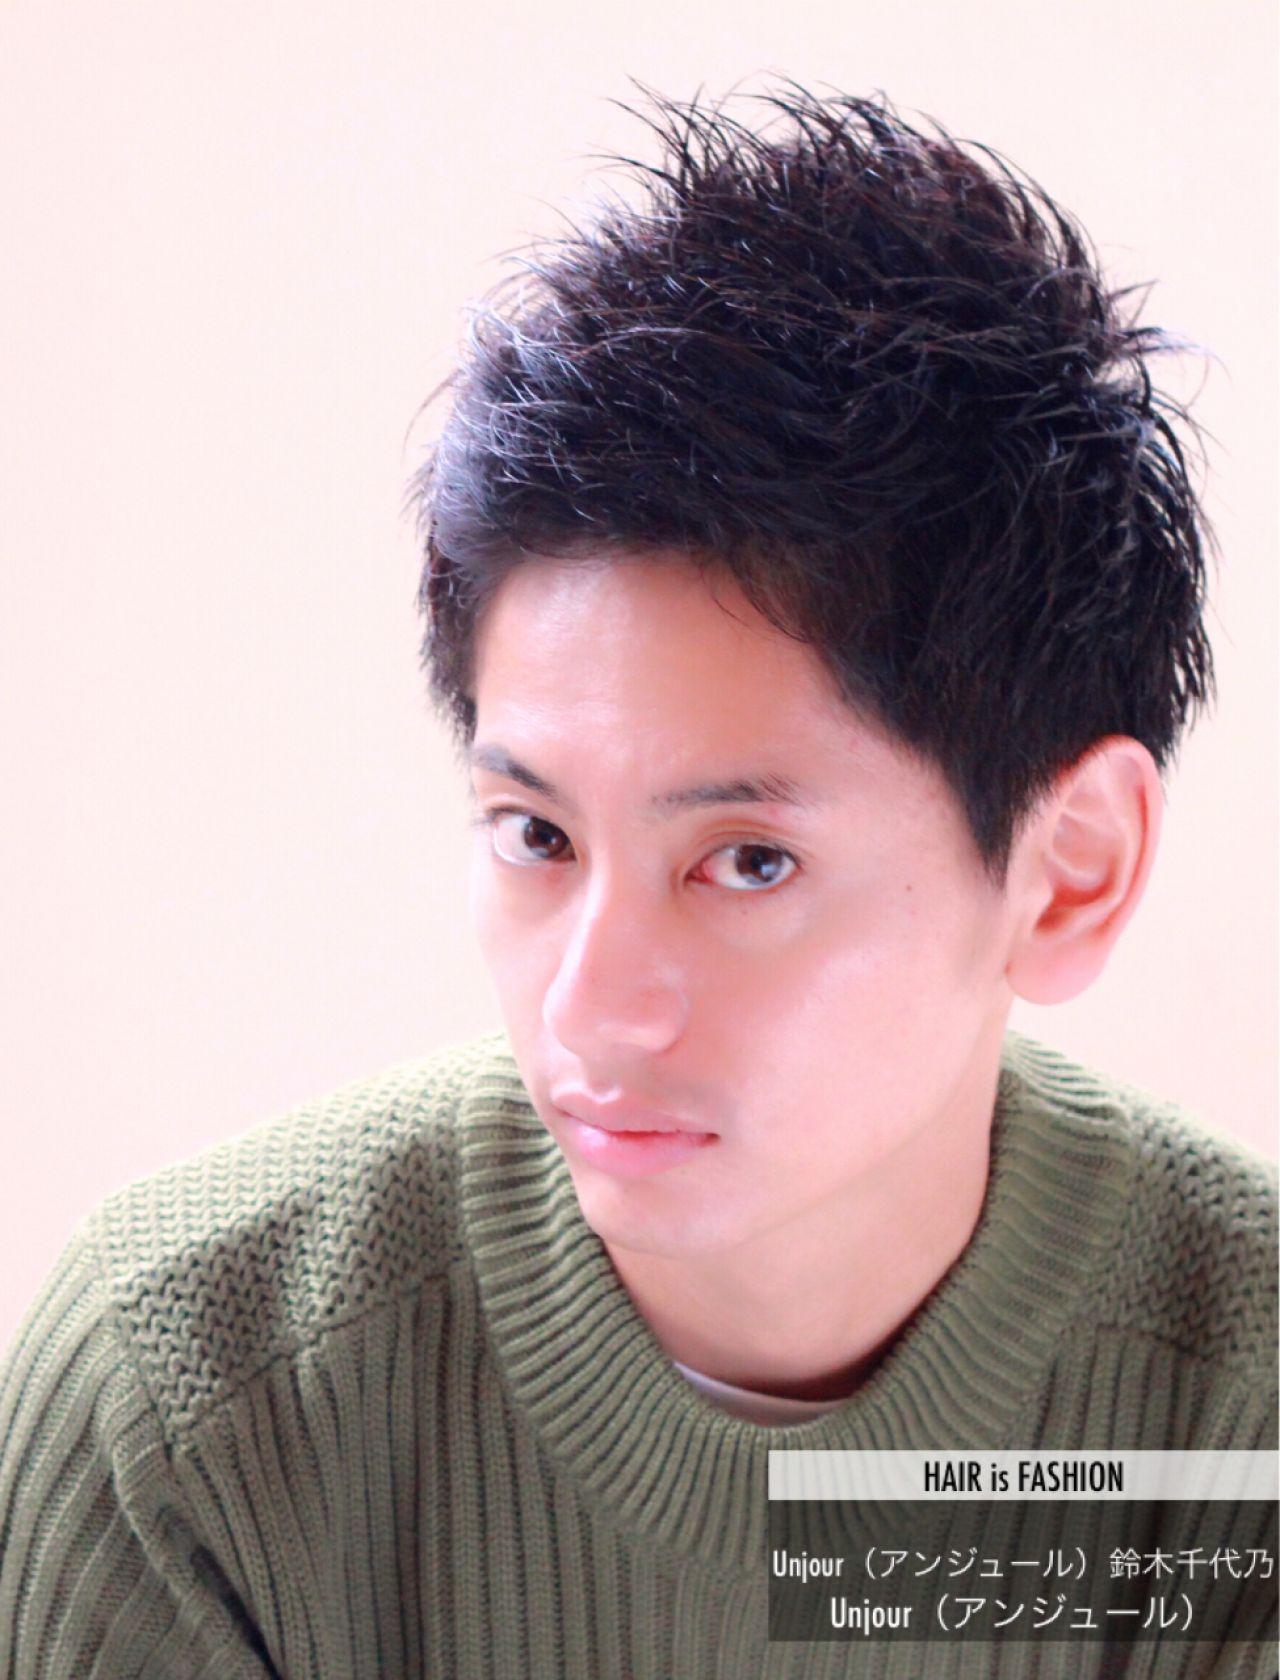 カレがもーっとイケメンに♡彼氏にしてほしいメンズヘアスタイルはこれだ! Unjour(アンジュール)鈴木千代乃